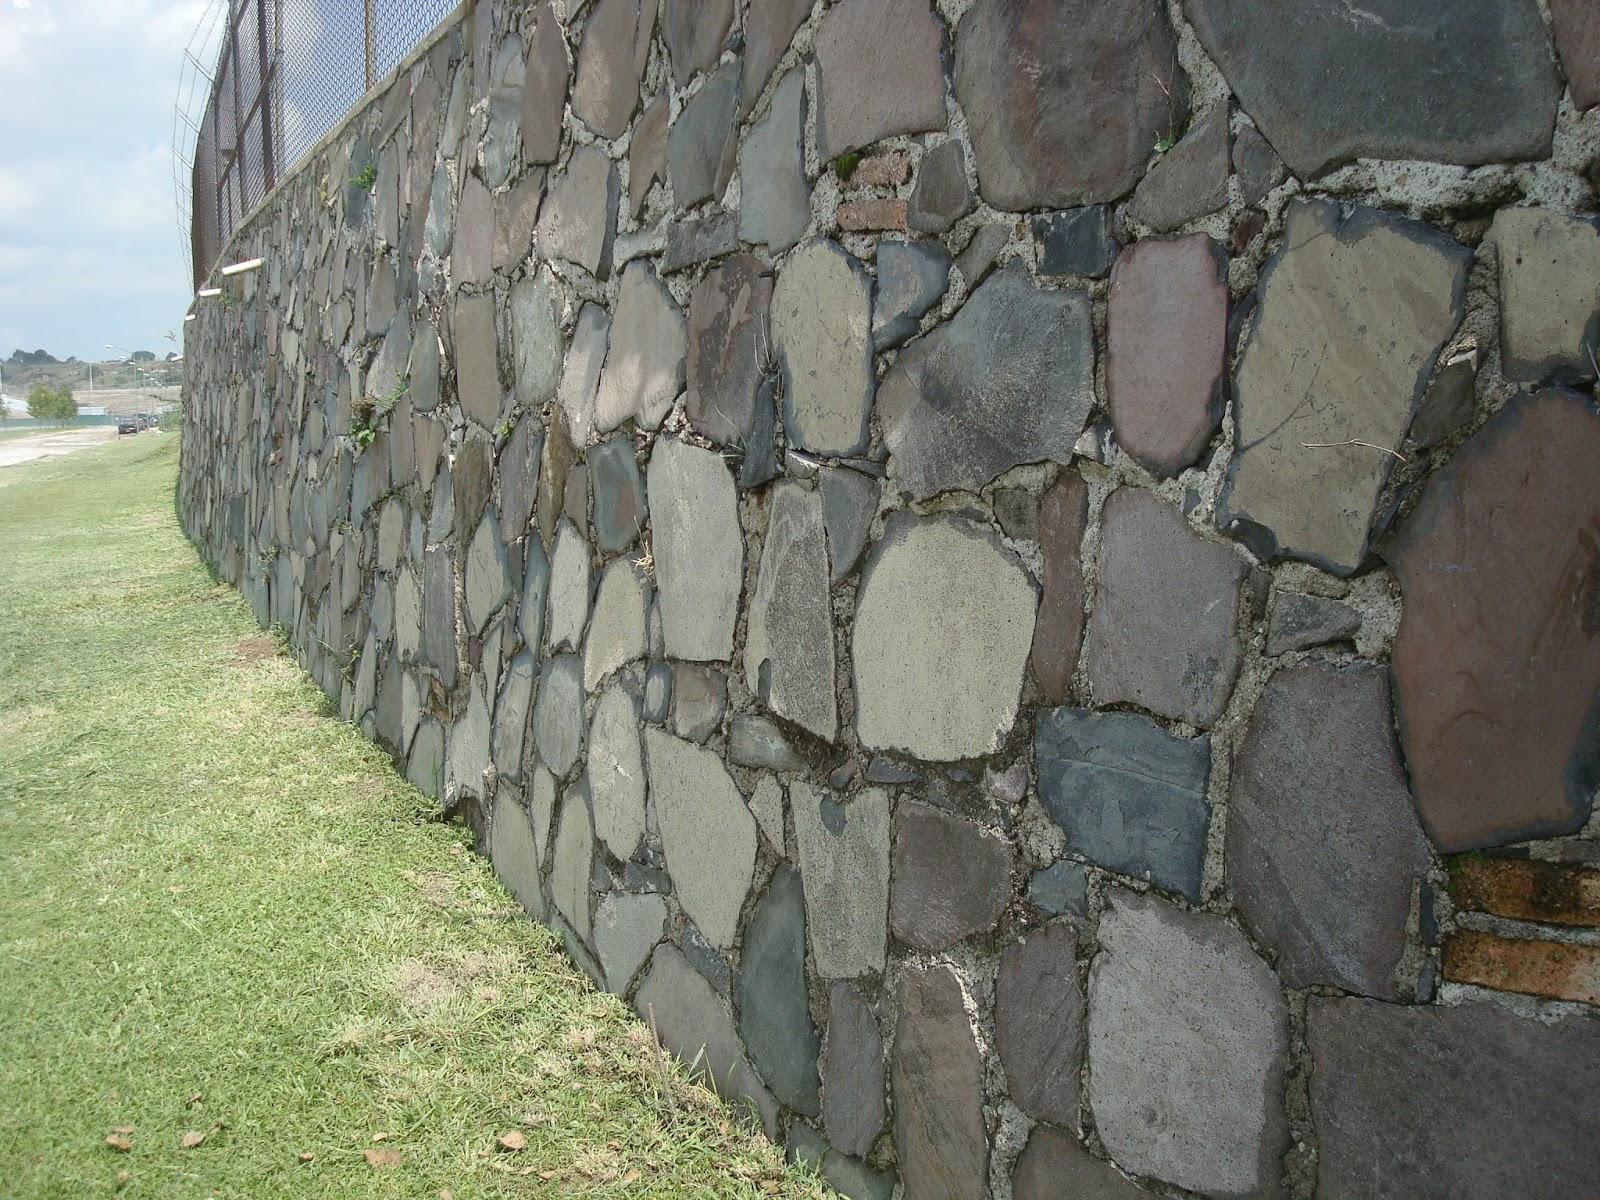 Sancarlosfortin muro de piedra en avenida universidad en - Imagenes de muros de piedra ...